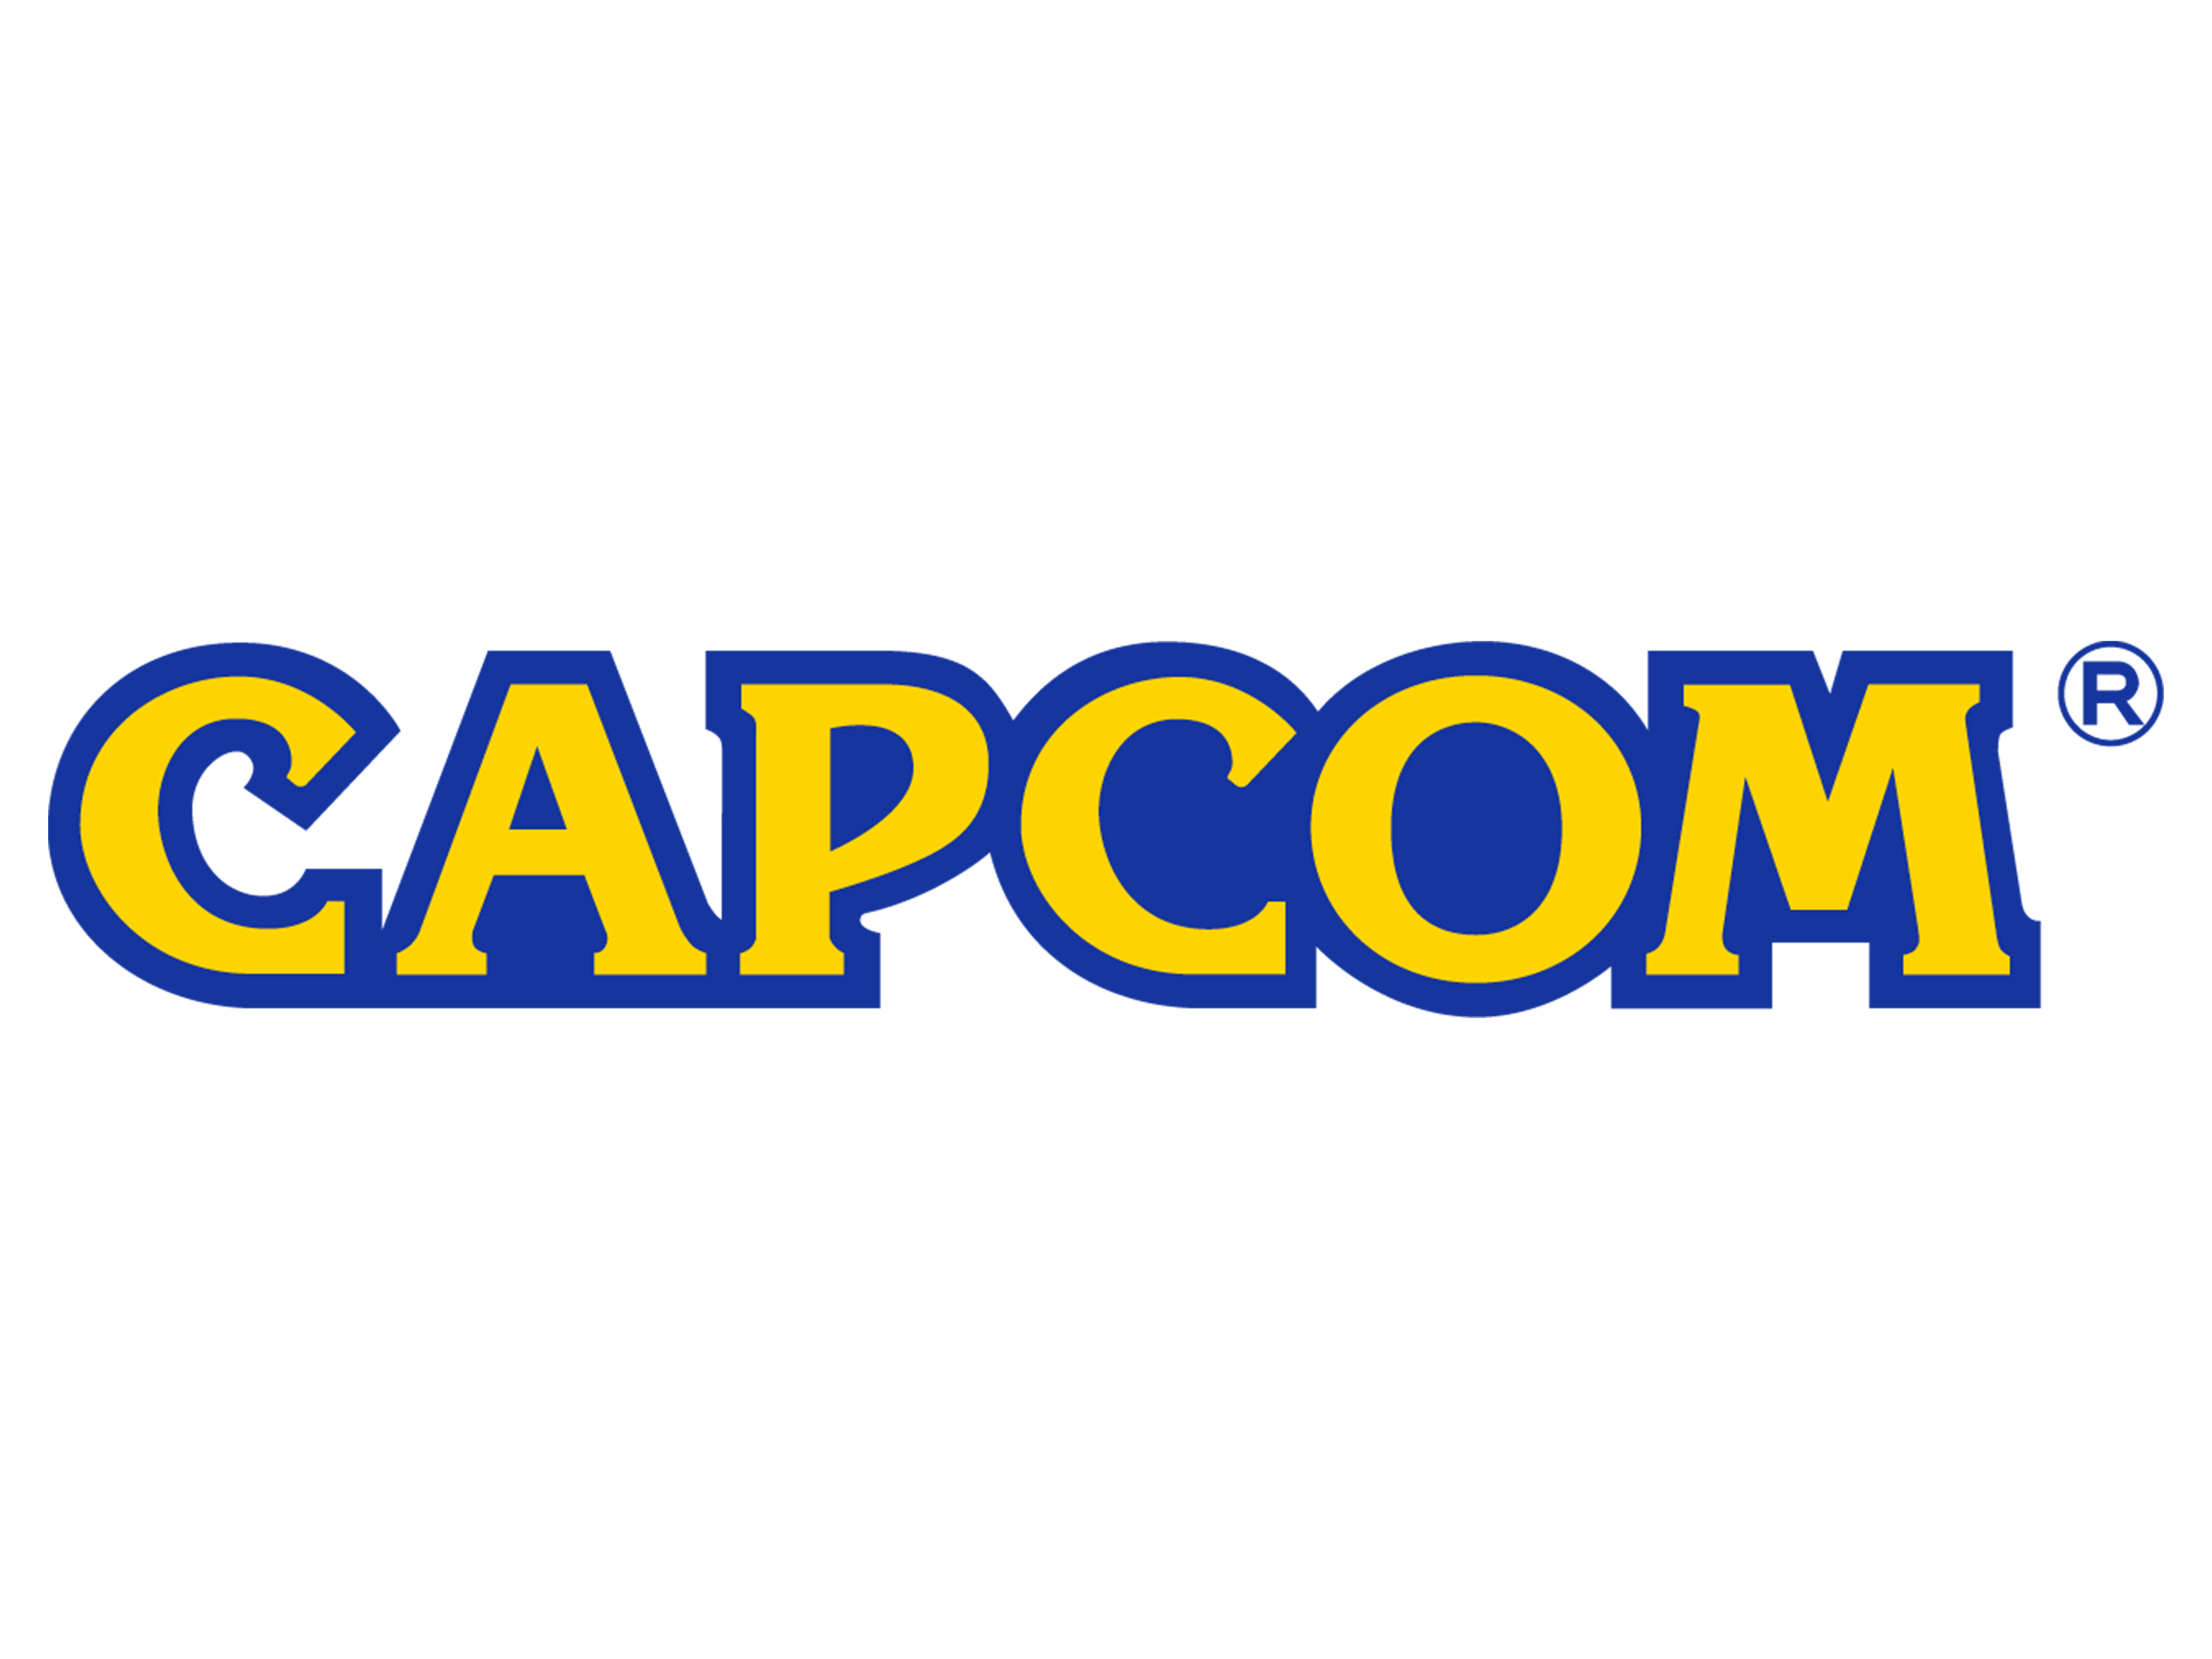 capcom_01